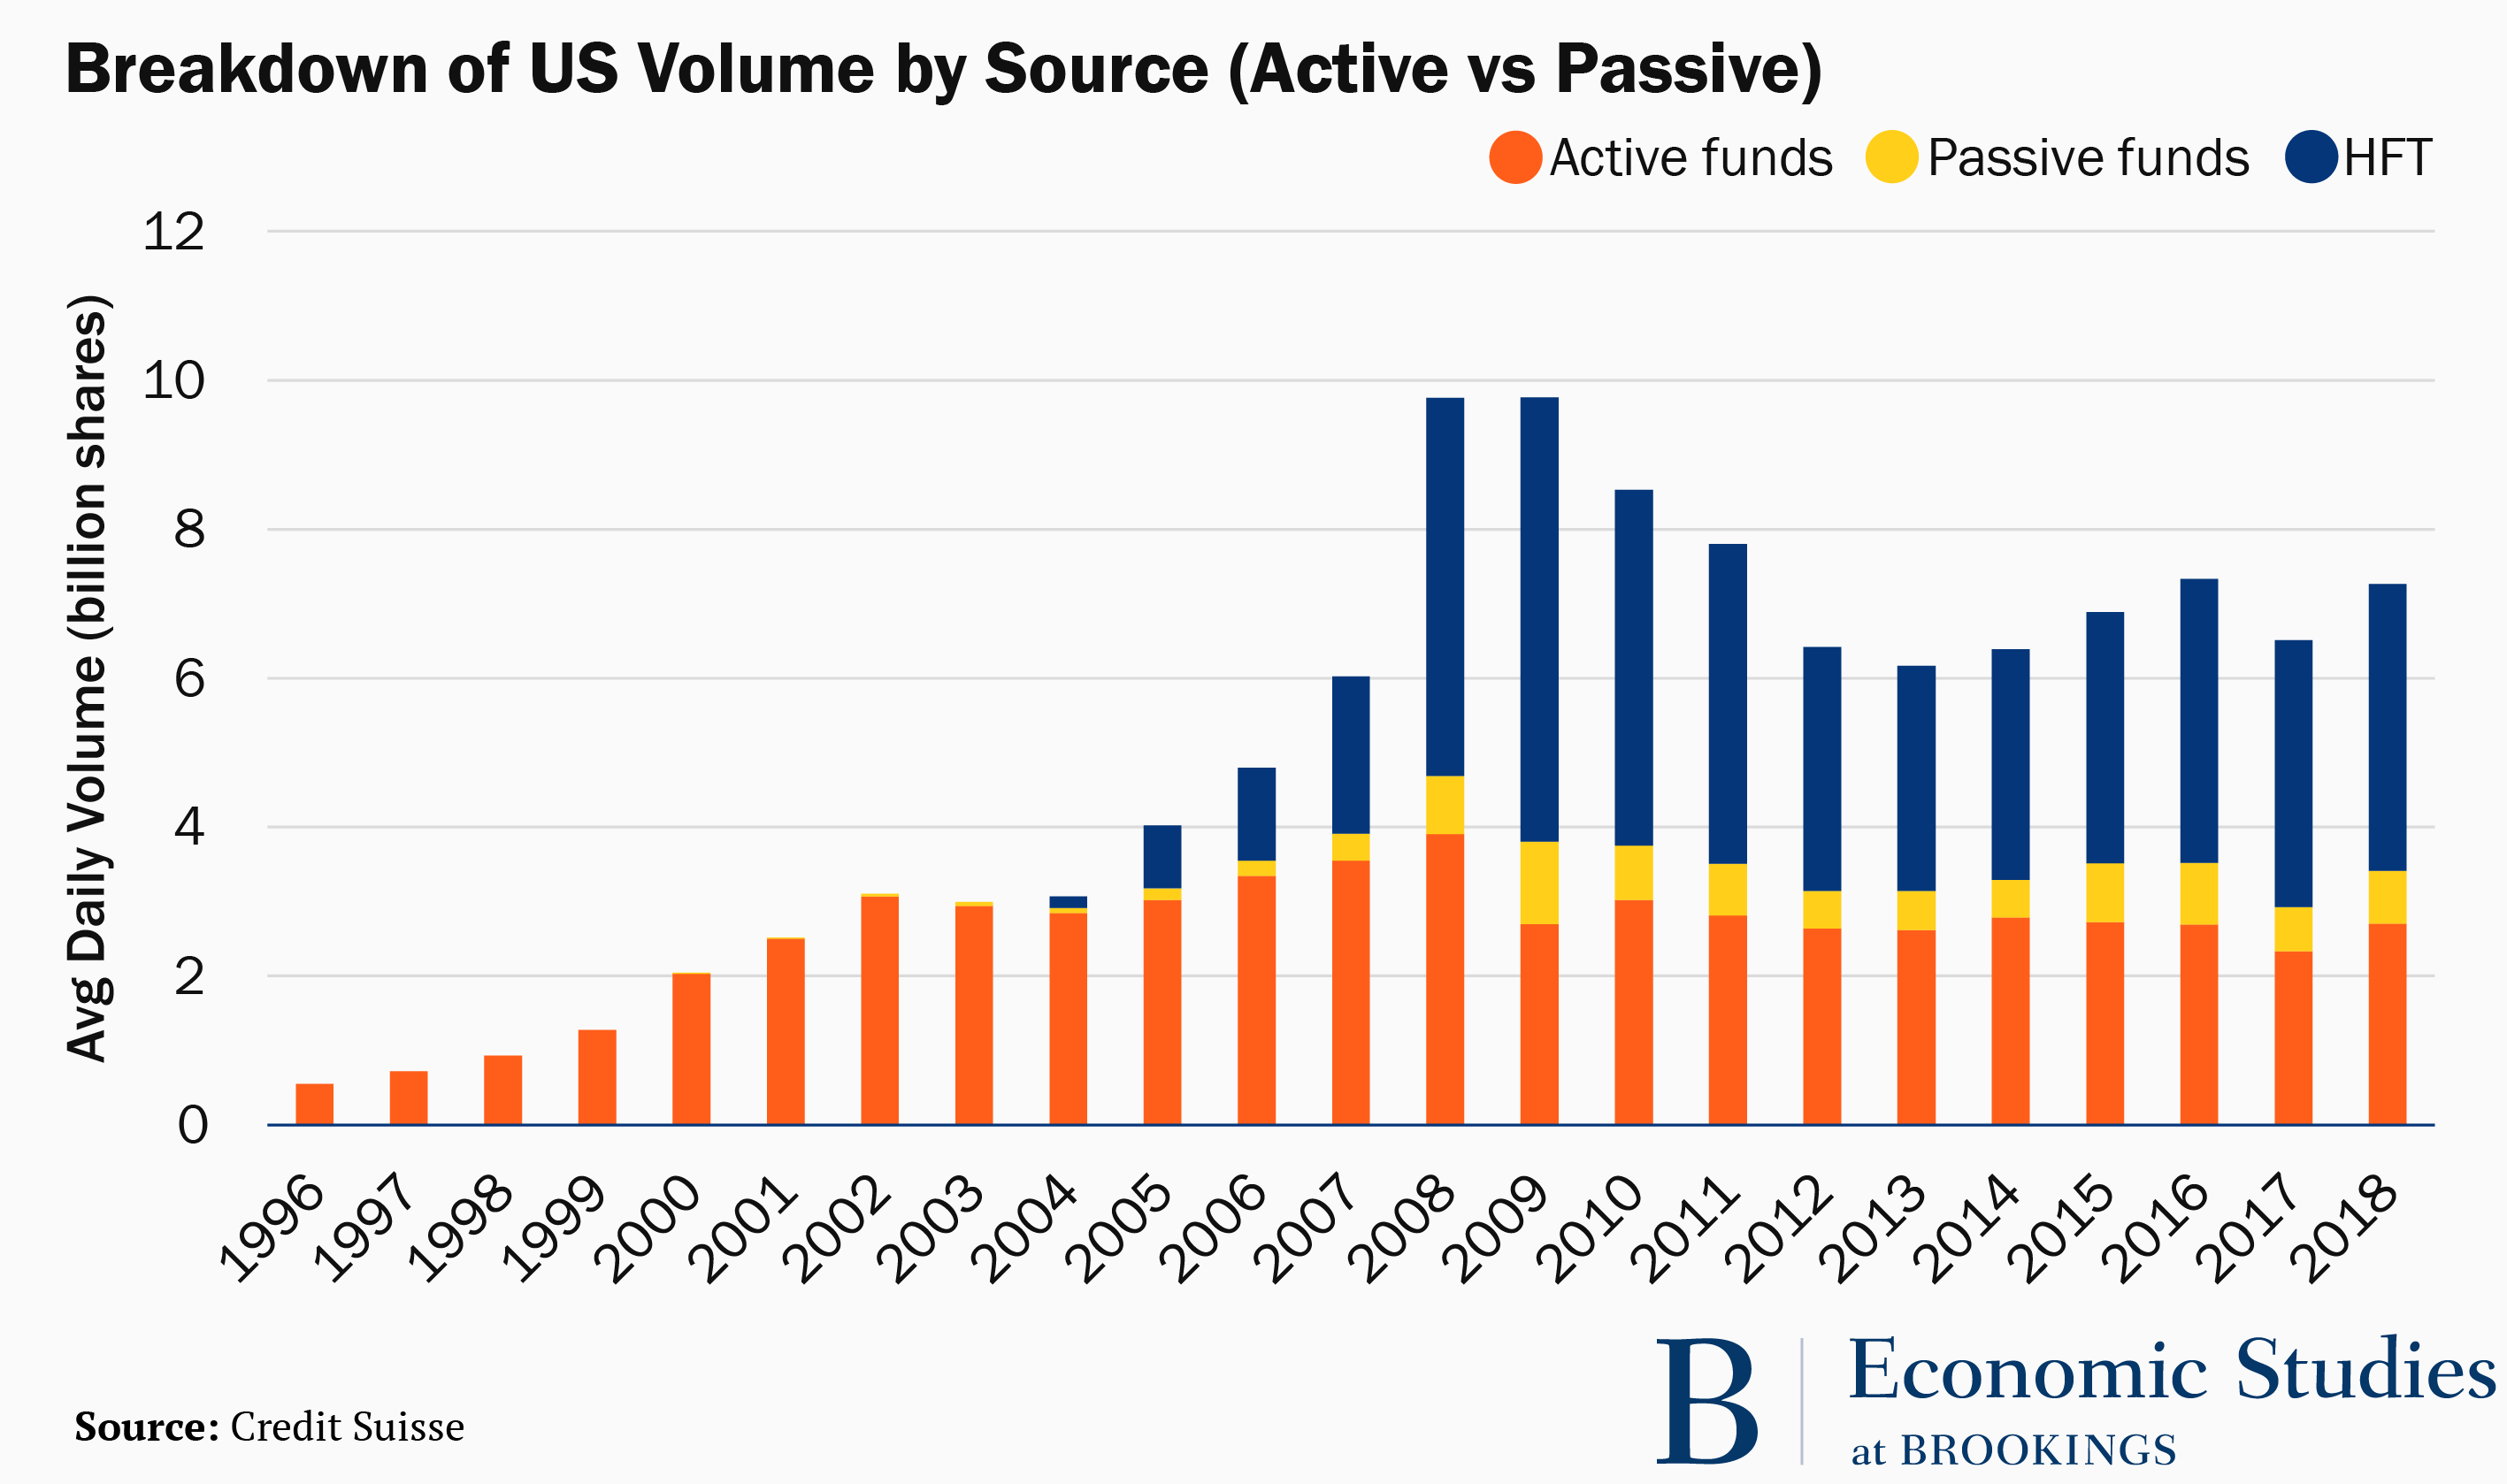 Breakdown of US Volume by Source